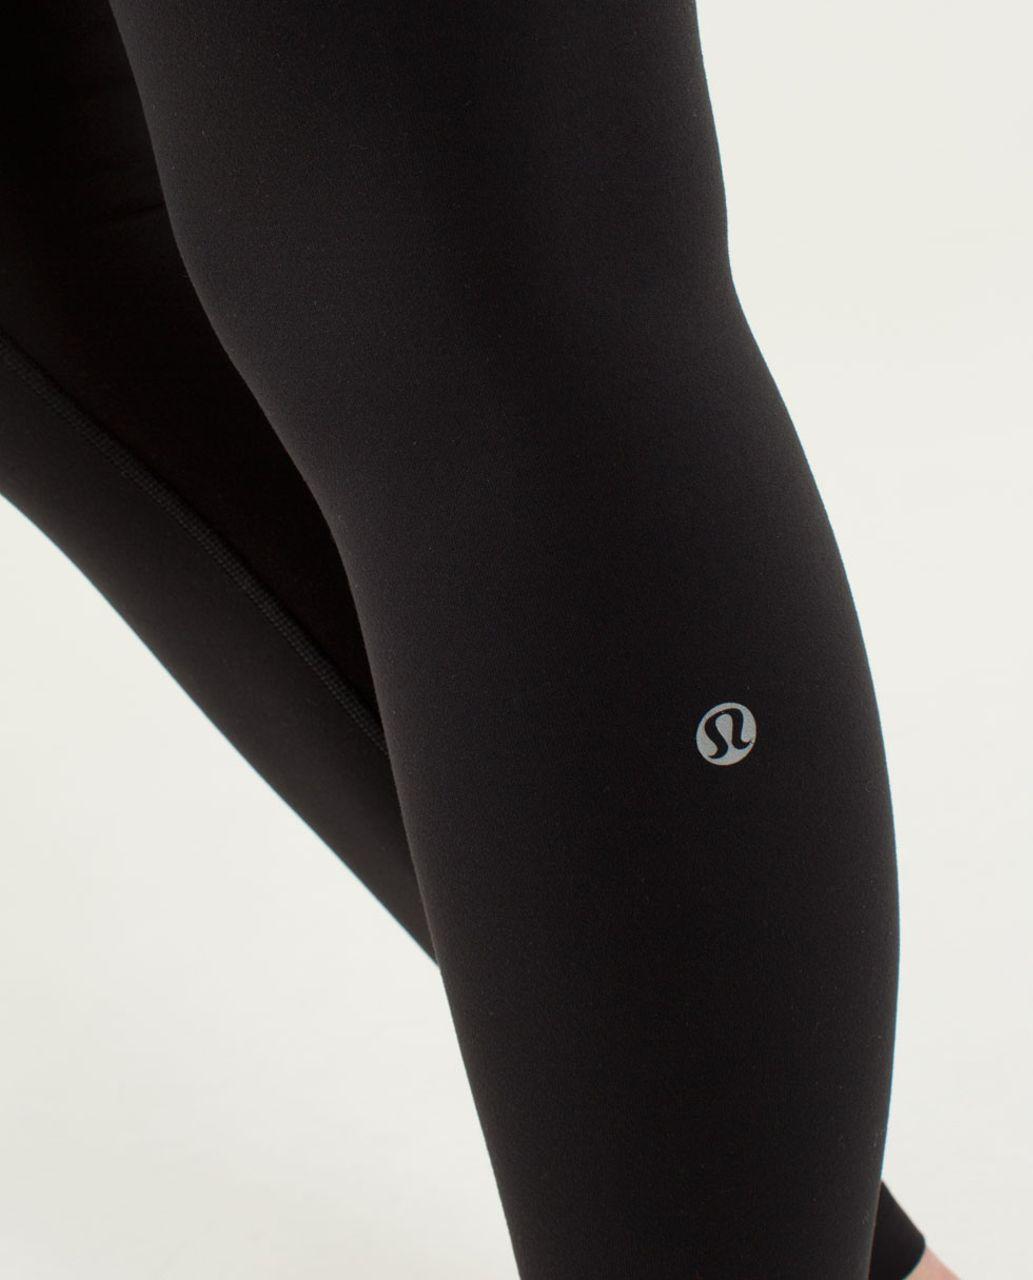 Lululemon Wunder Under Pant *Full-On Luon - Black / Quilt Winter 13-11